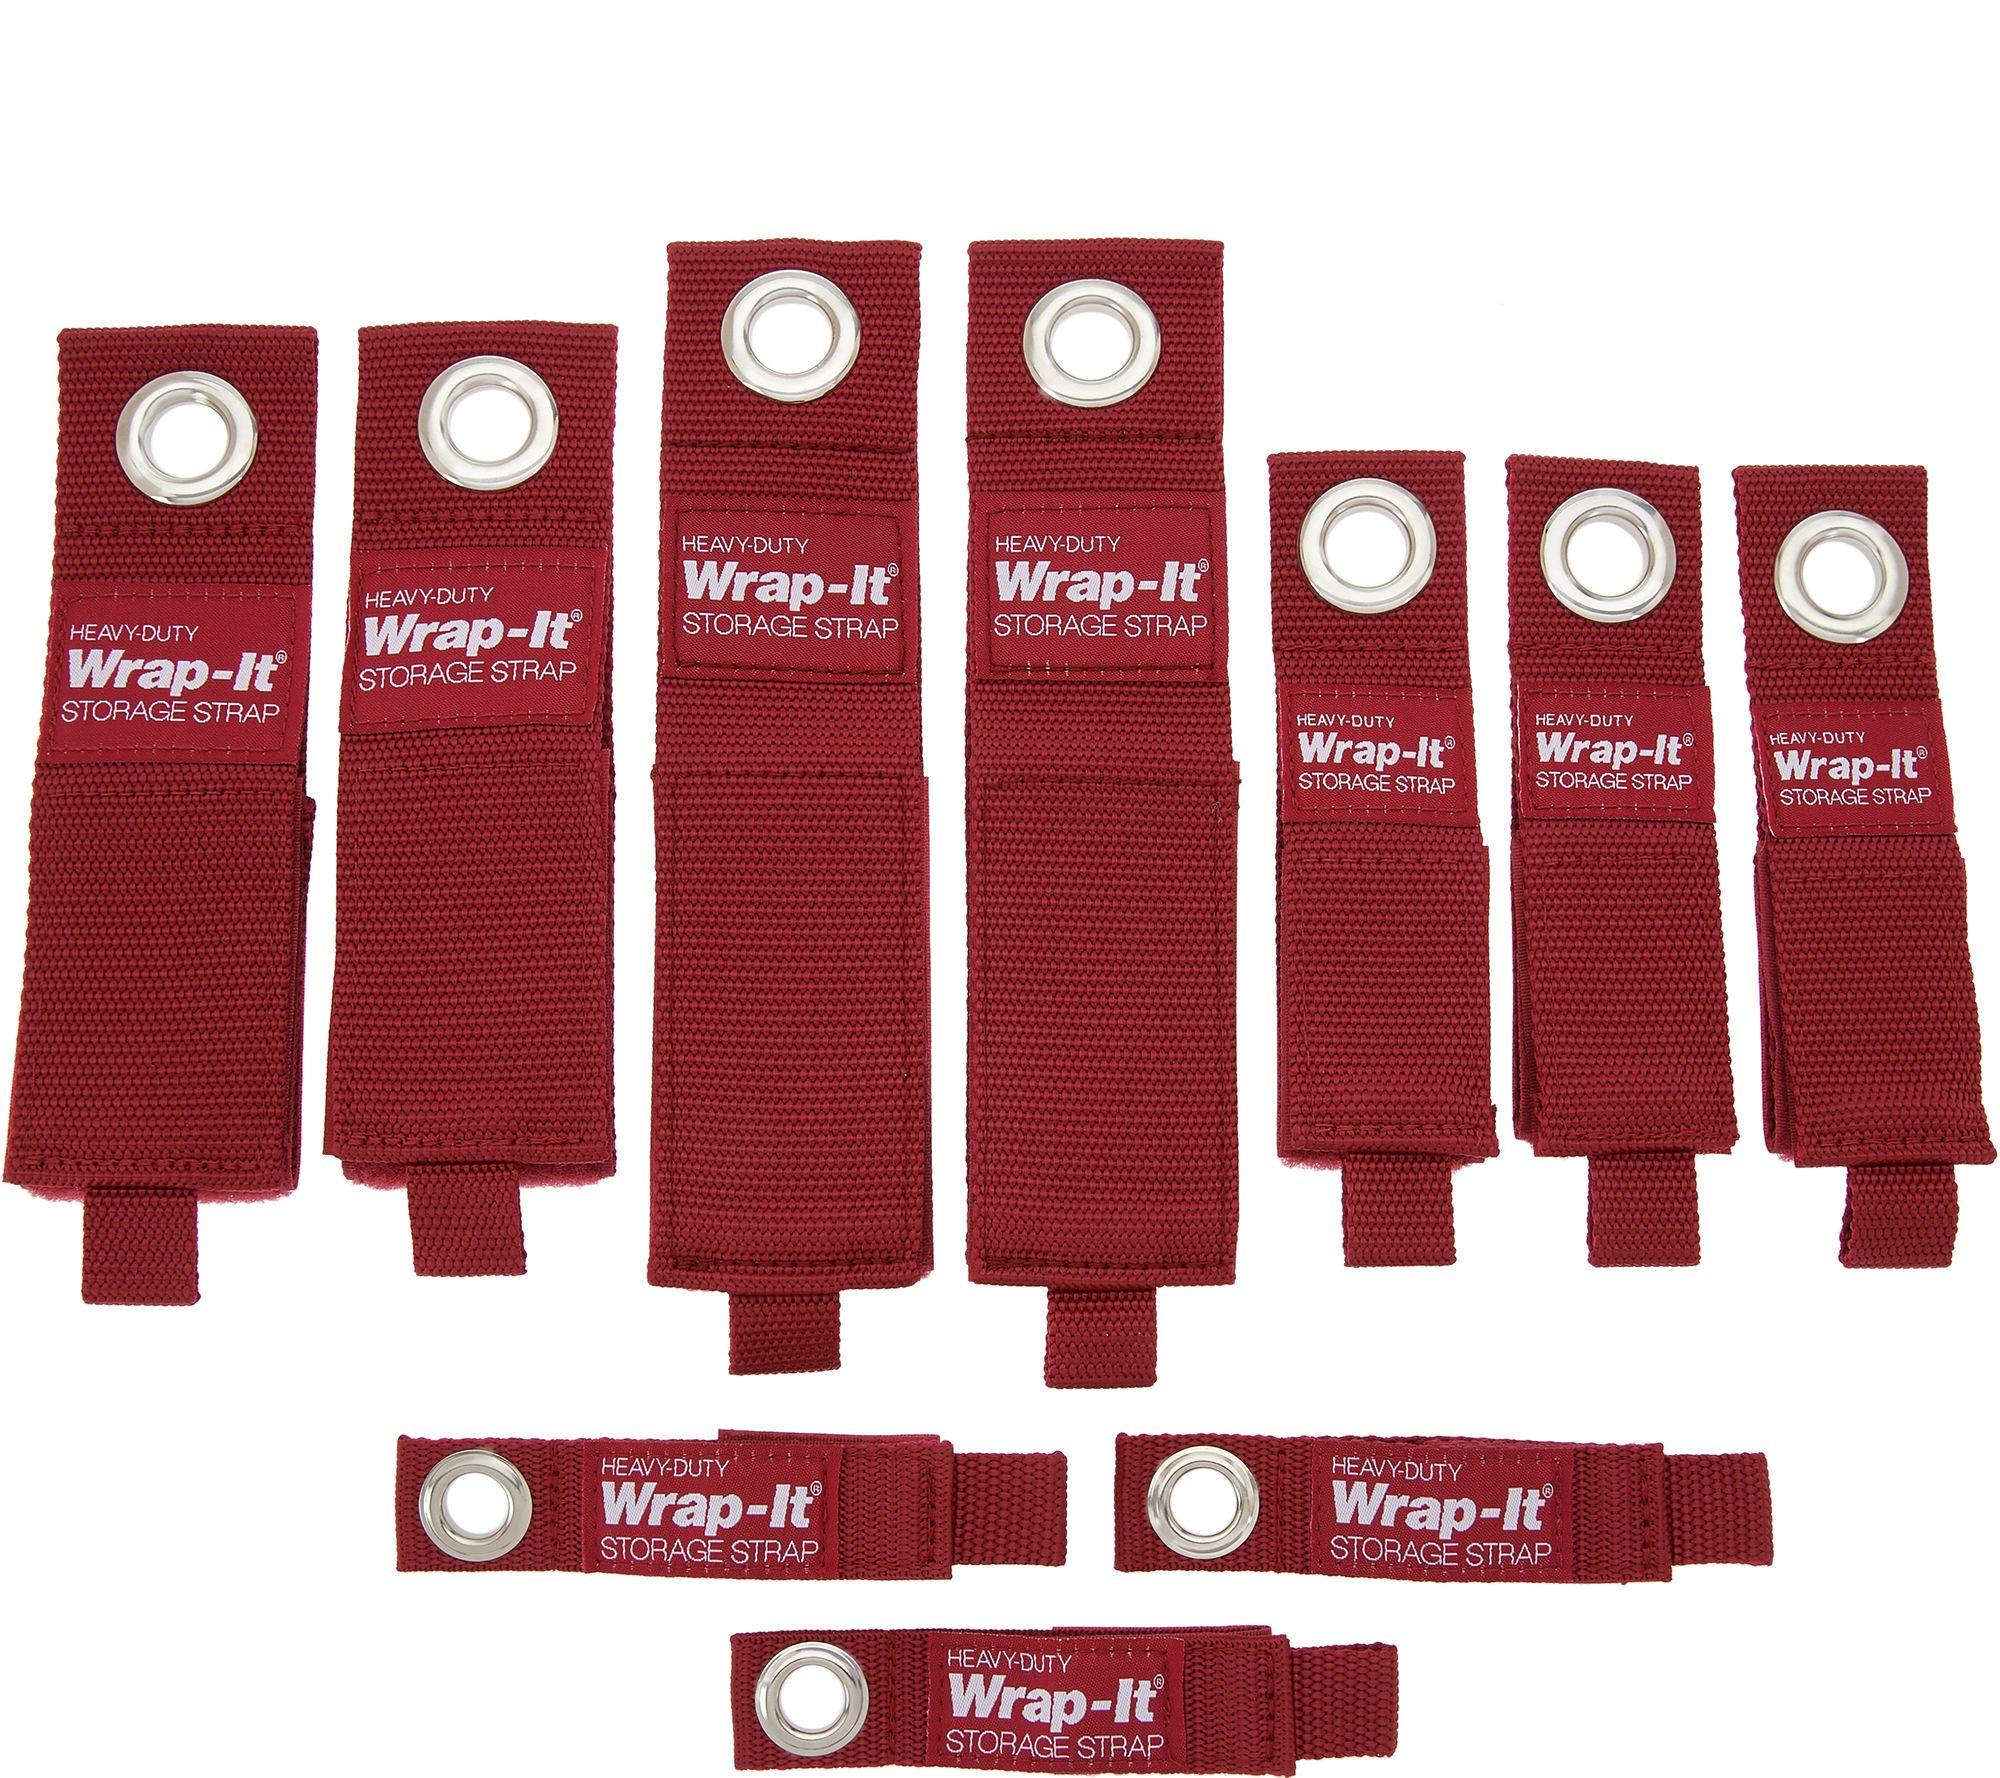 Wrap-It 10-Piece Heavy Duty Storage Straps